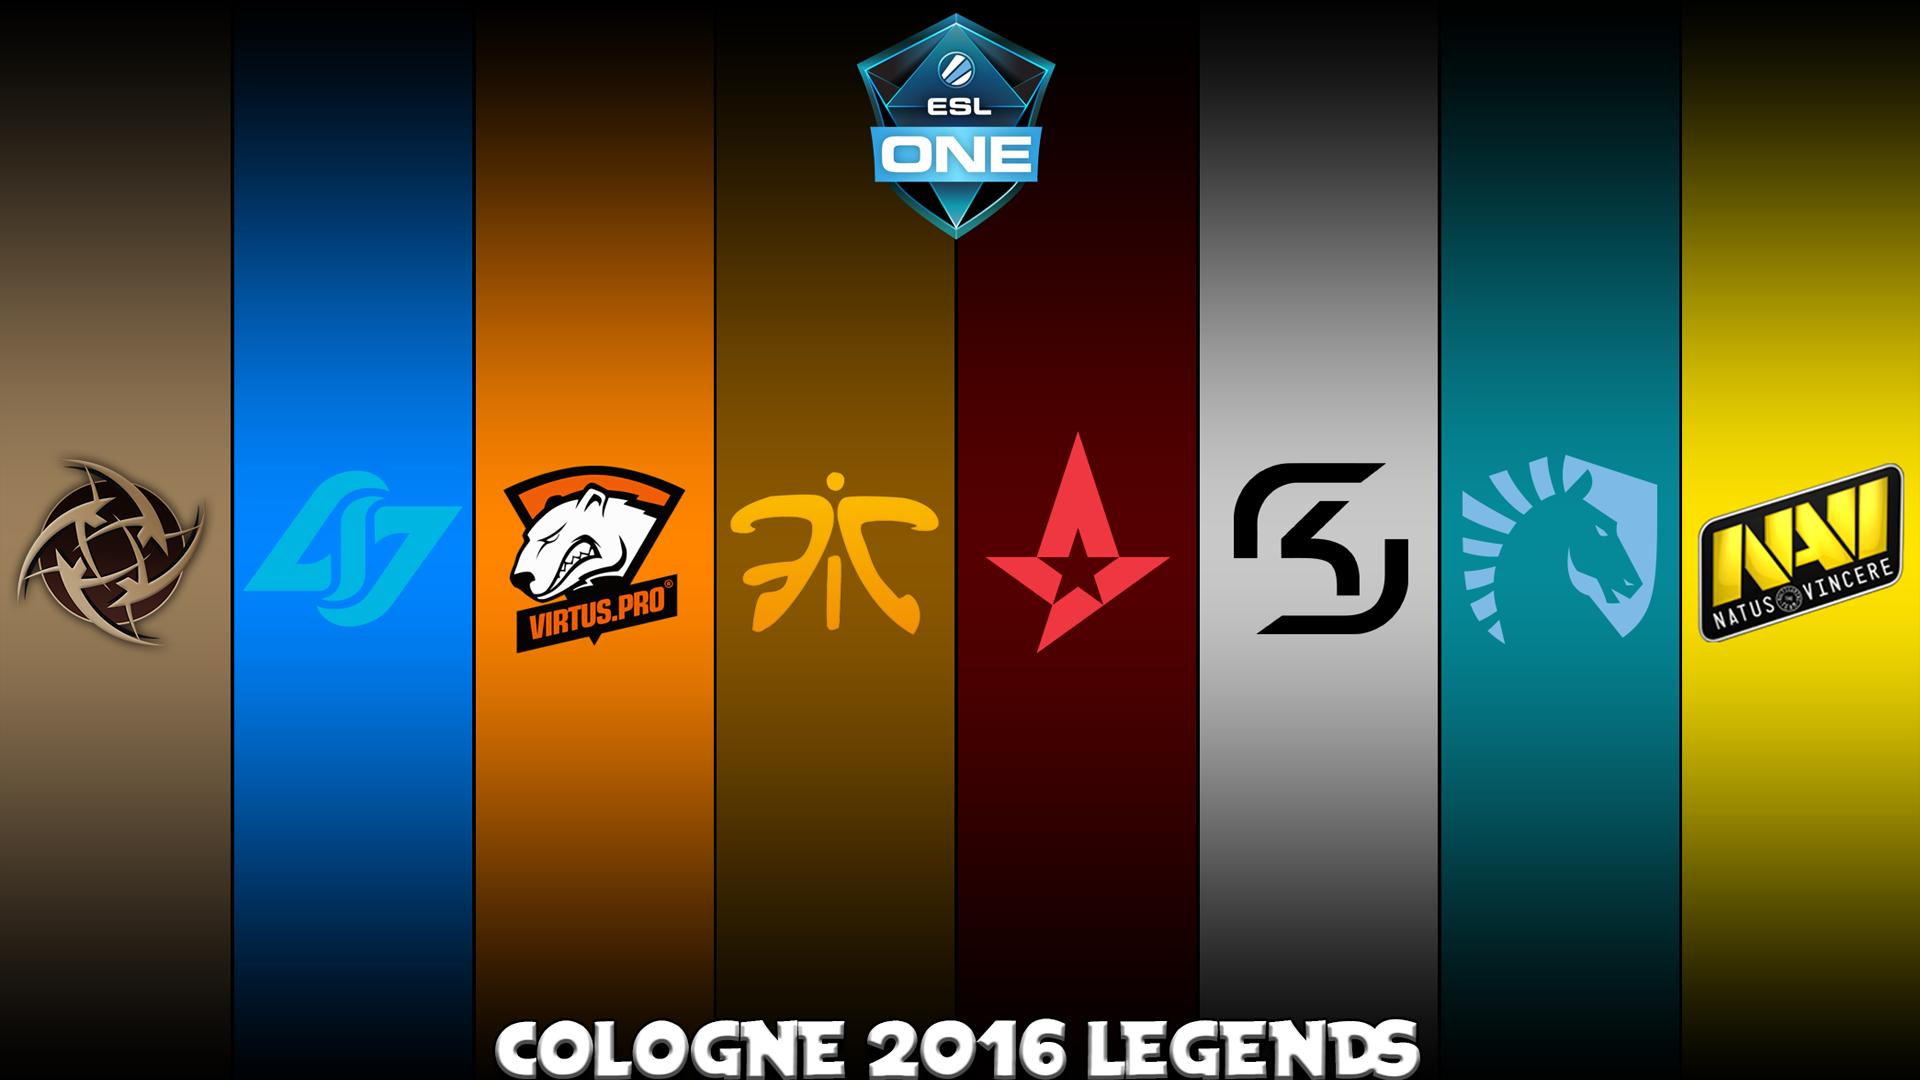 Cologne 2016 Legends V2